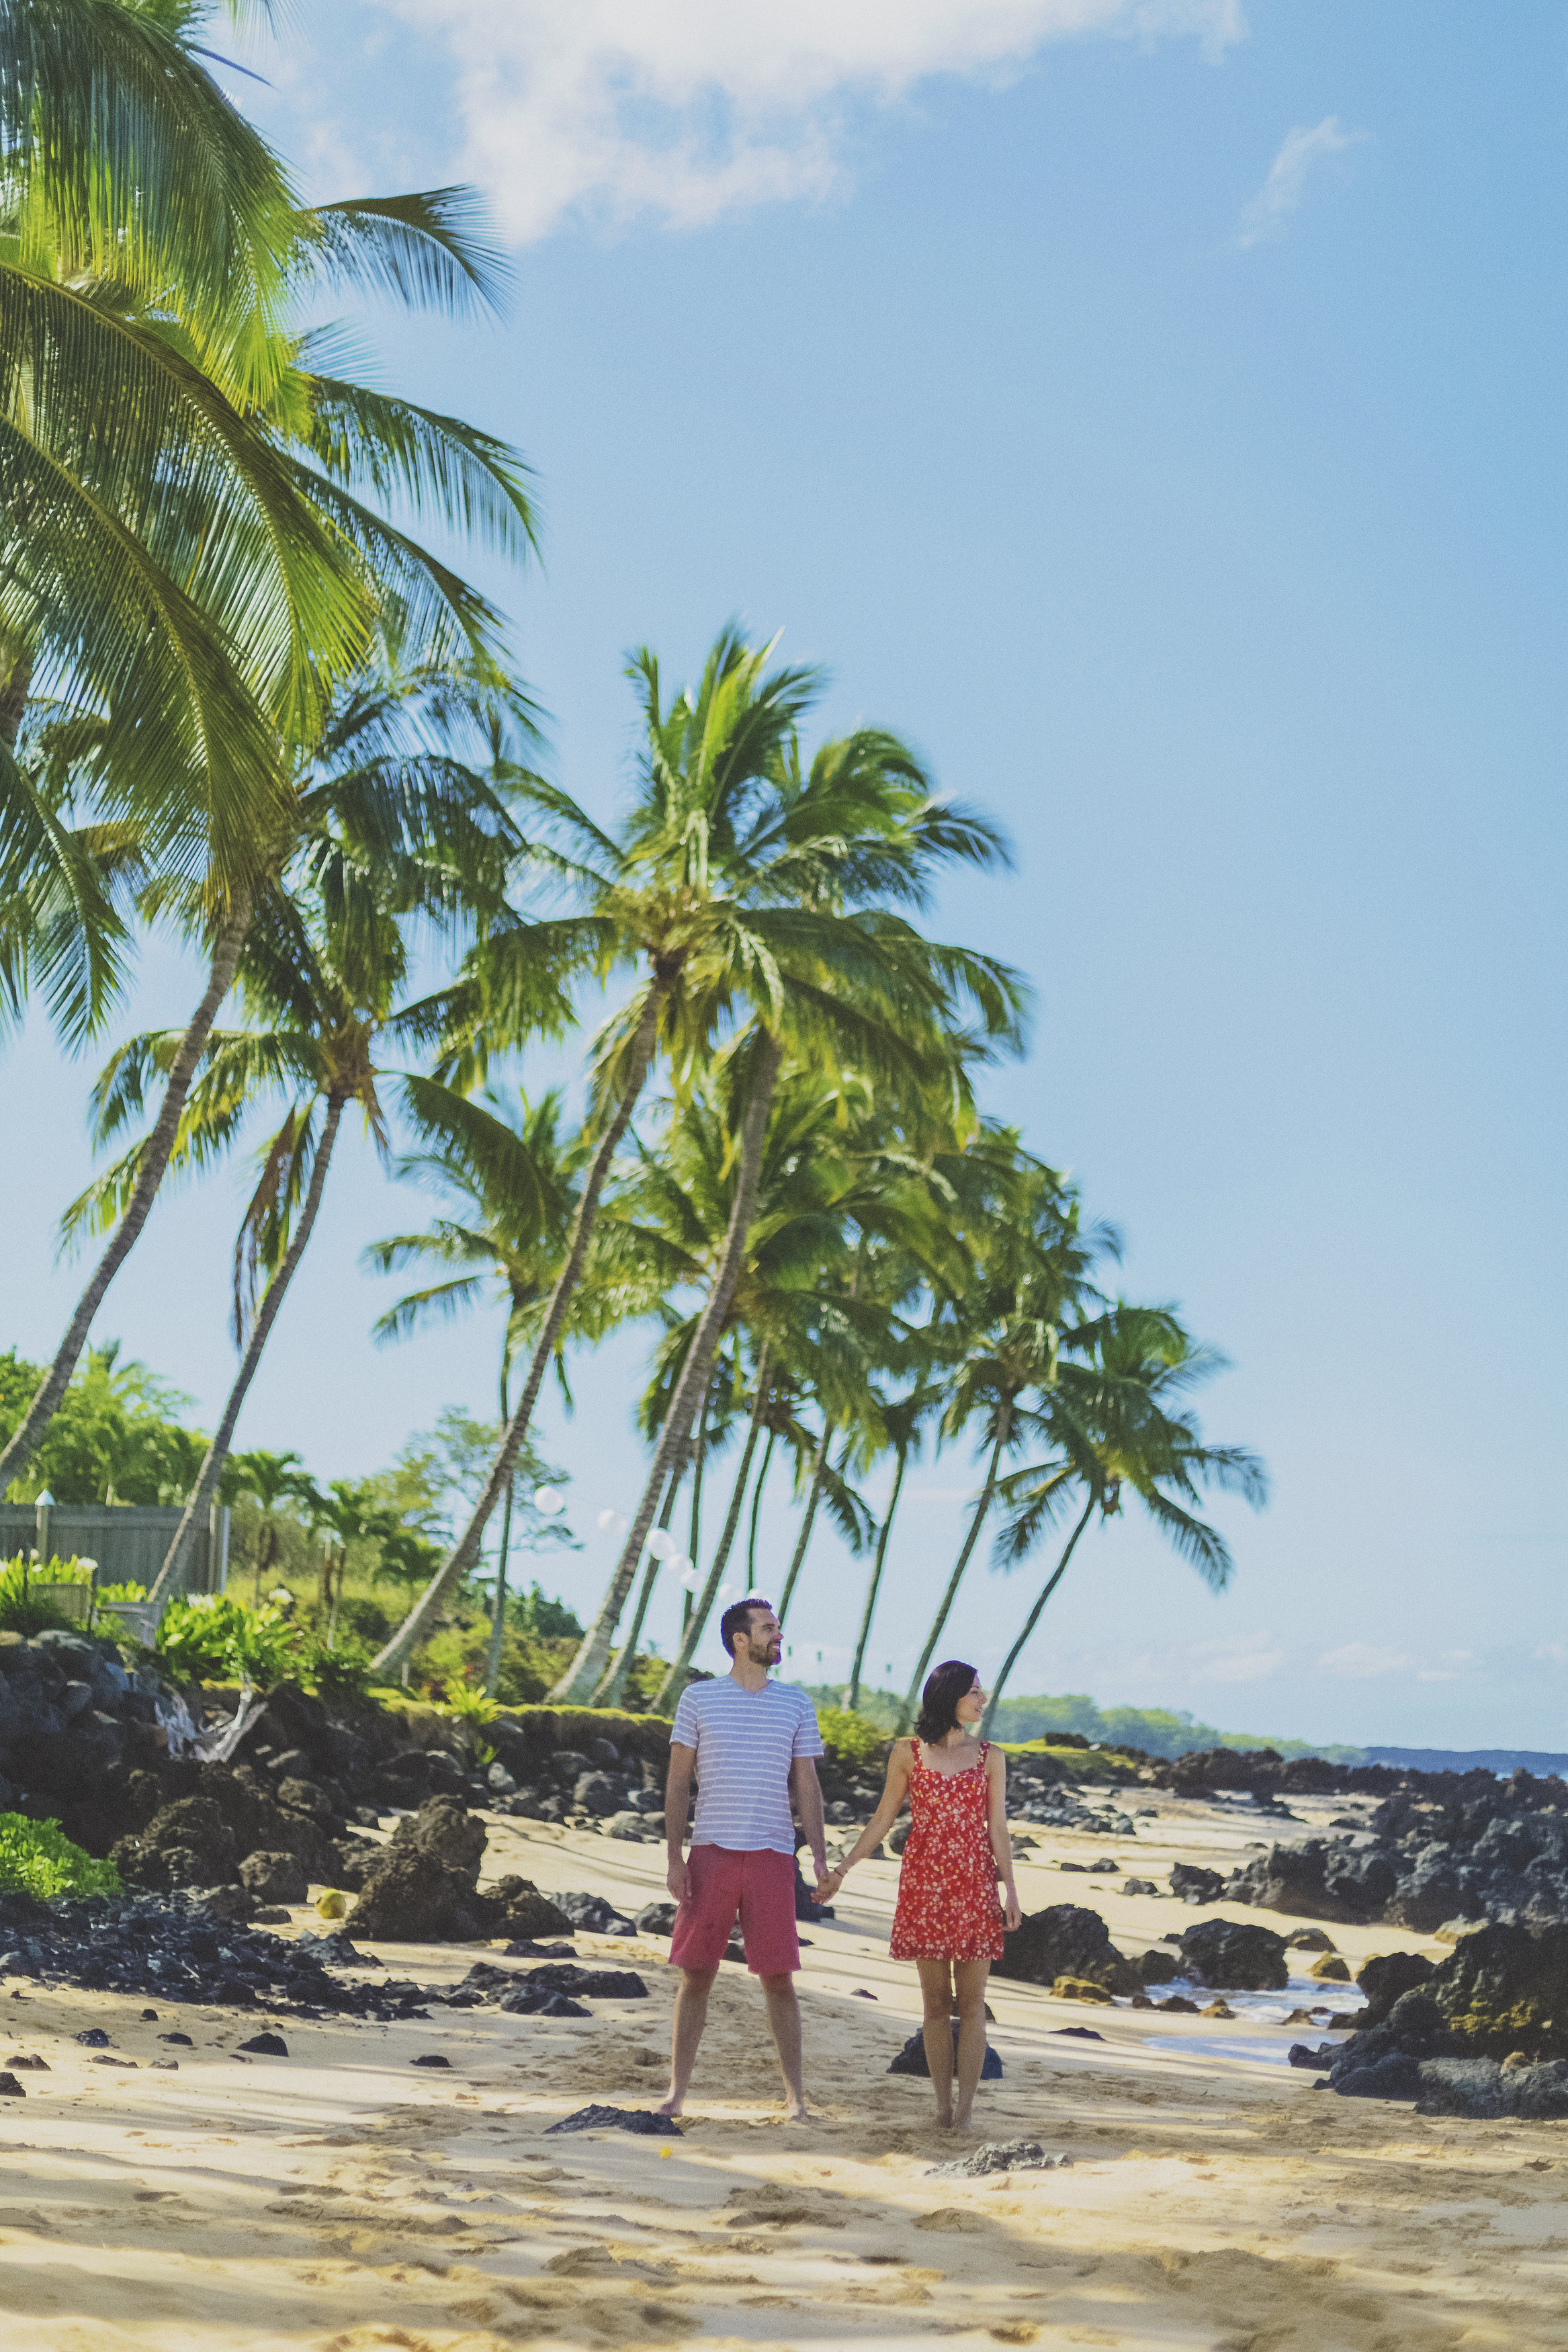 angie-diaz-photography-maui-beach-honeymoon-photographer-3.jpg